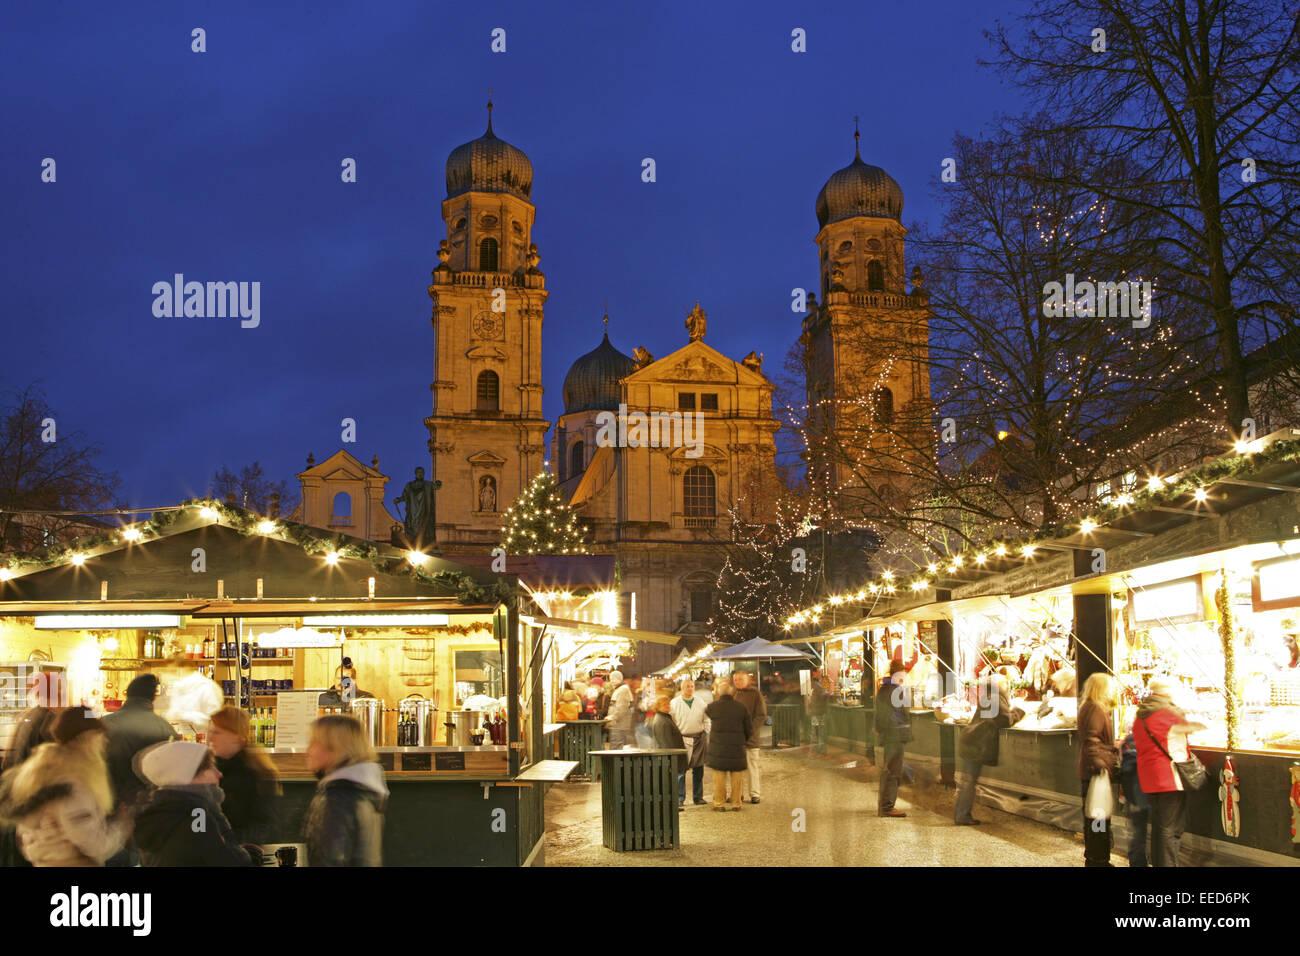 Deutschland, Bayern, Passau, Domplatz, Passauer, Dom, Weihnachtsmarkt, Abend, Europa, Sueddeutschland, Süddeutschland, Stockbild